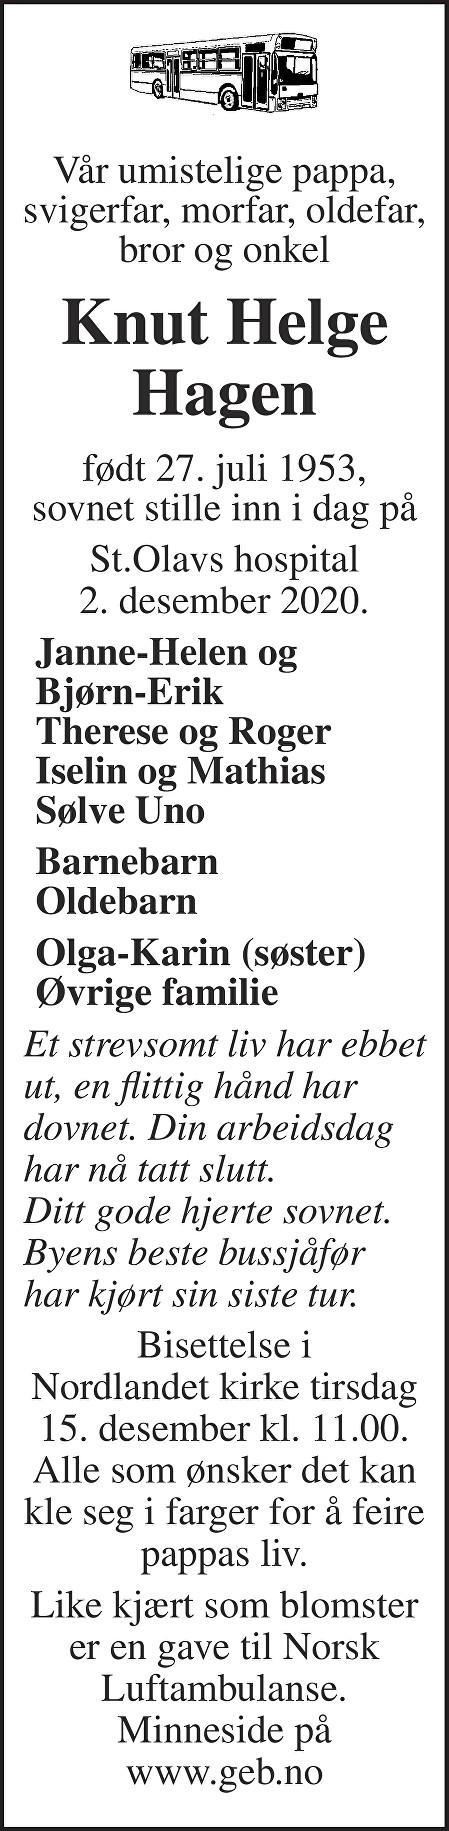 Knut Helge Hagen Dødsannonse